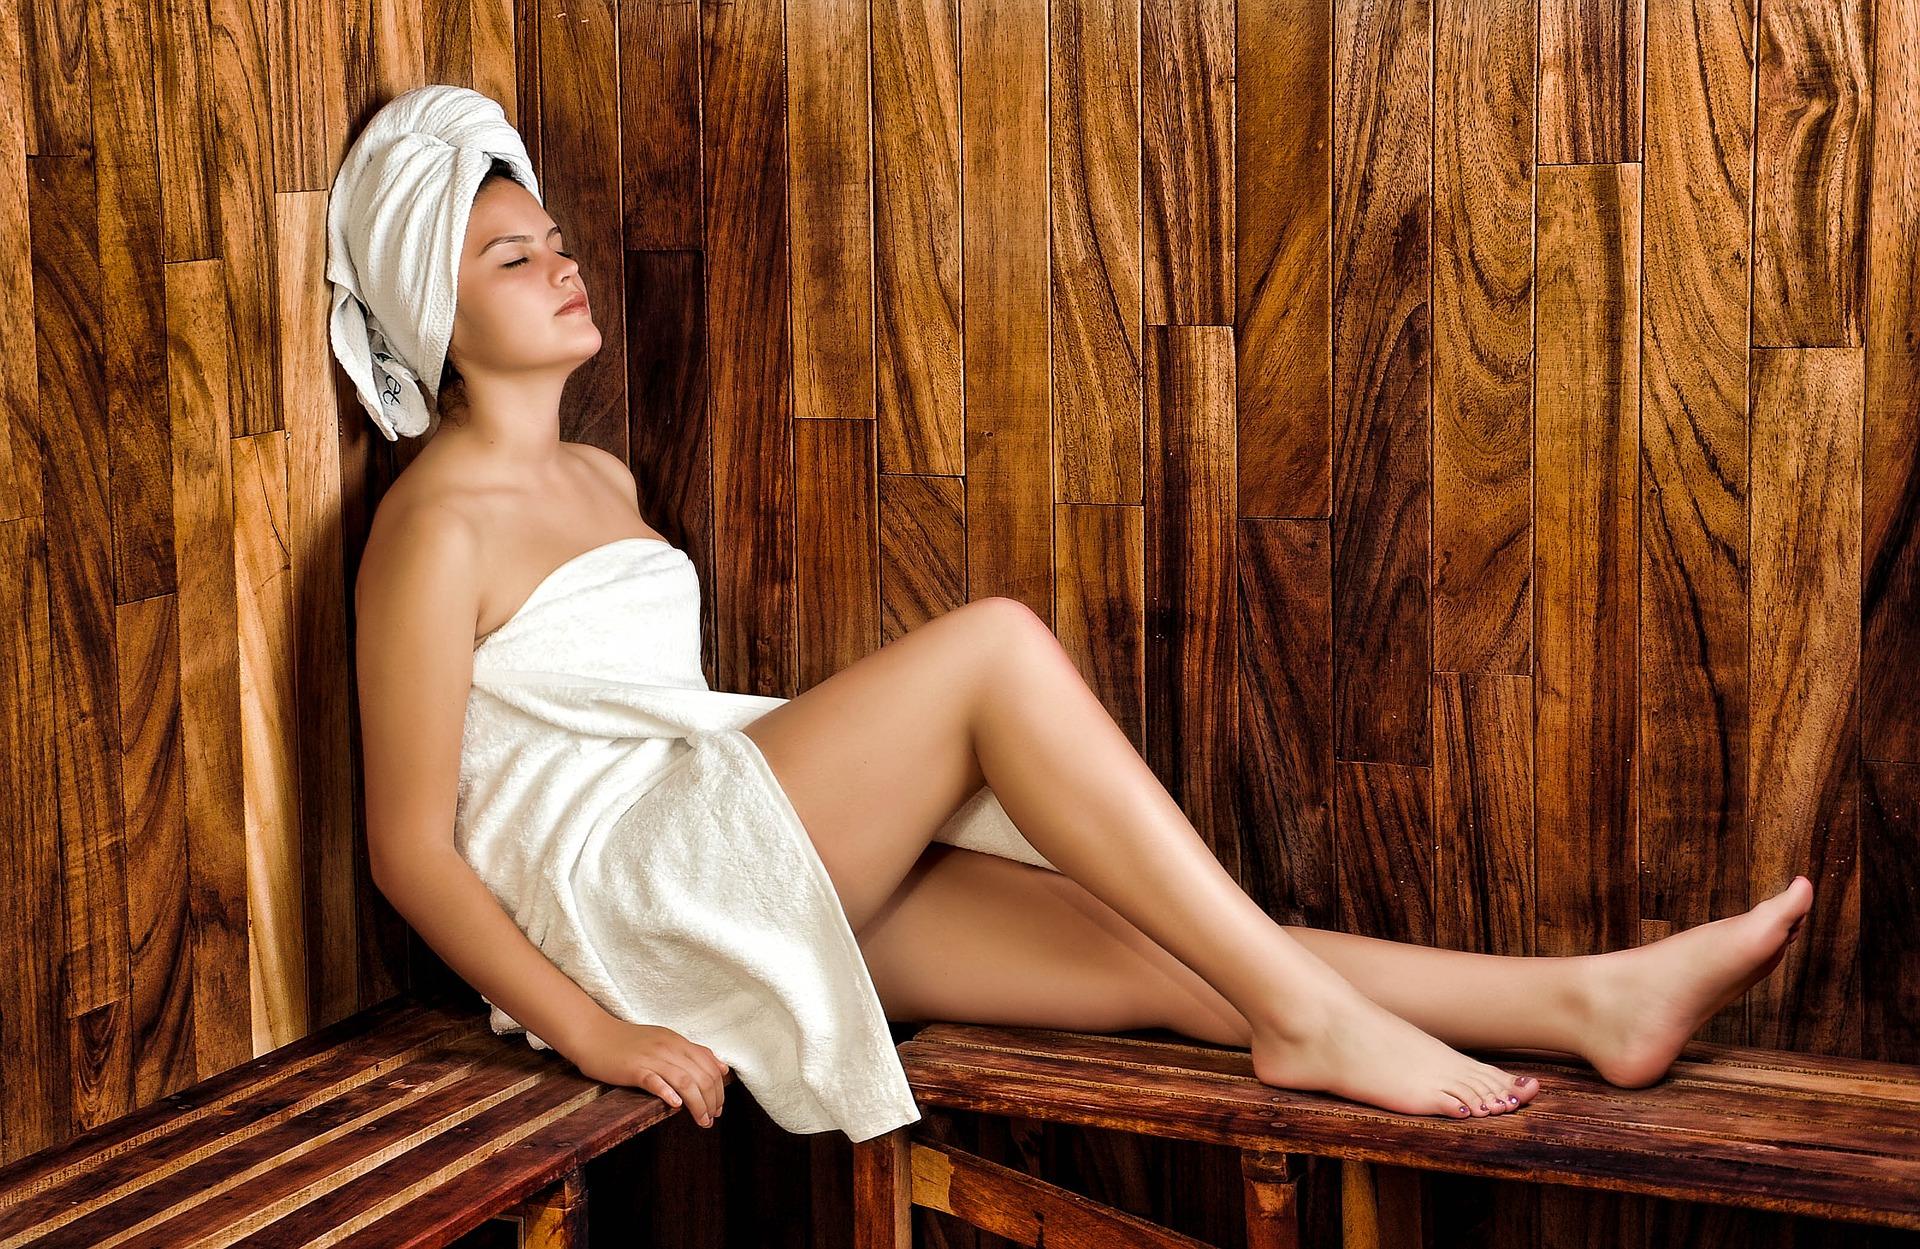 Comment bien pratiquer le sauna ? 2